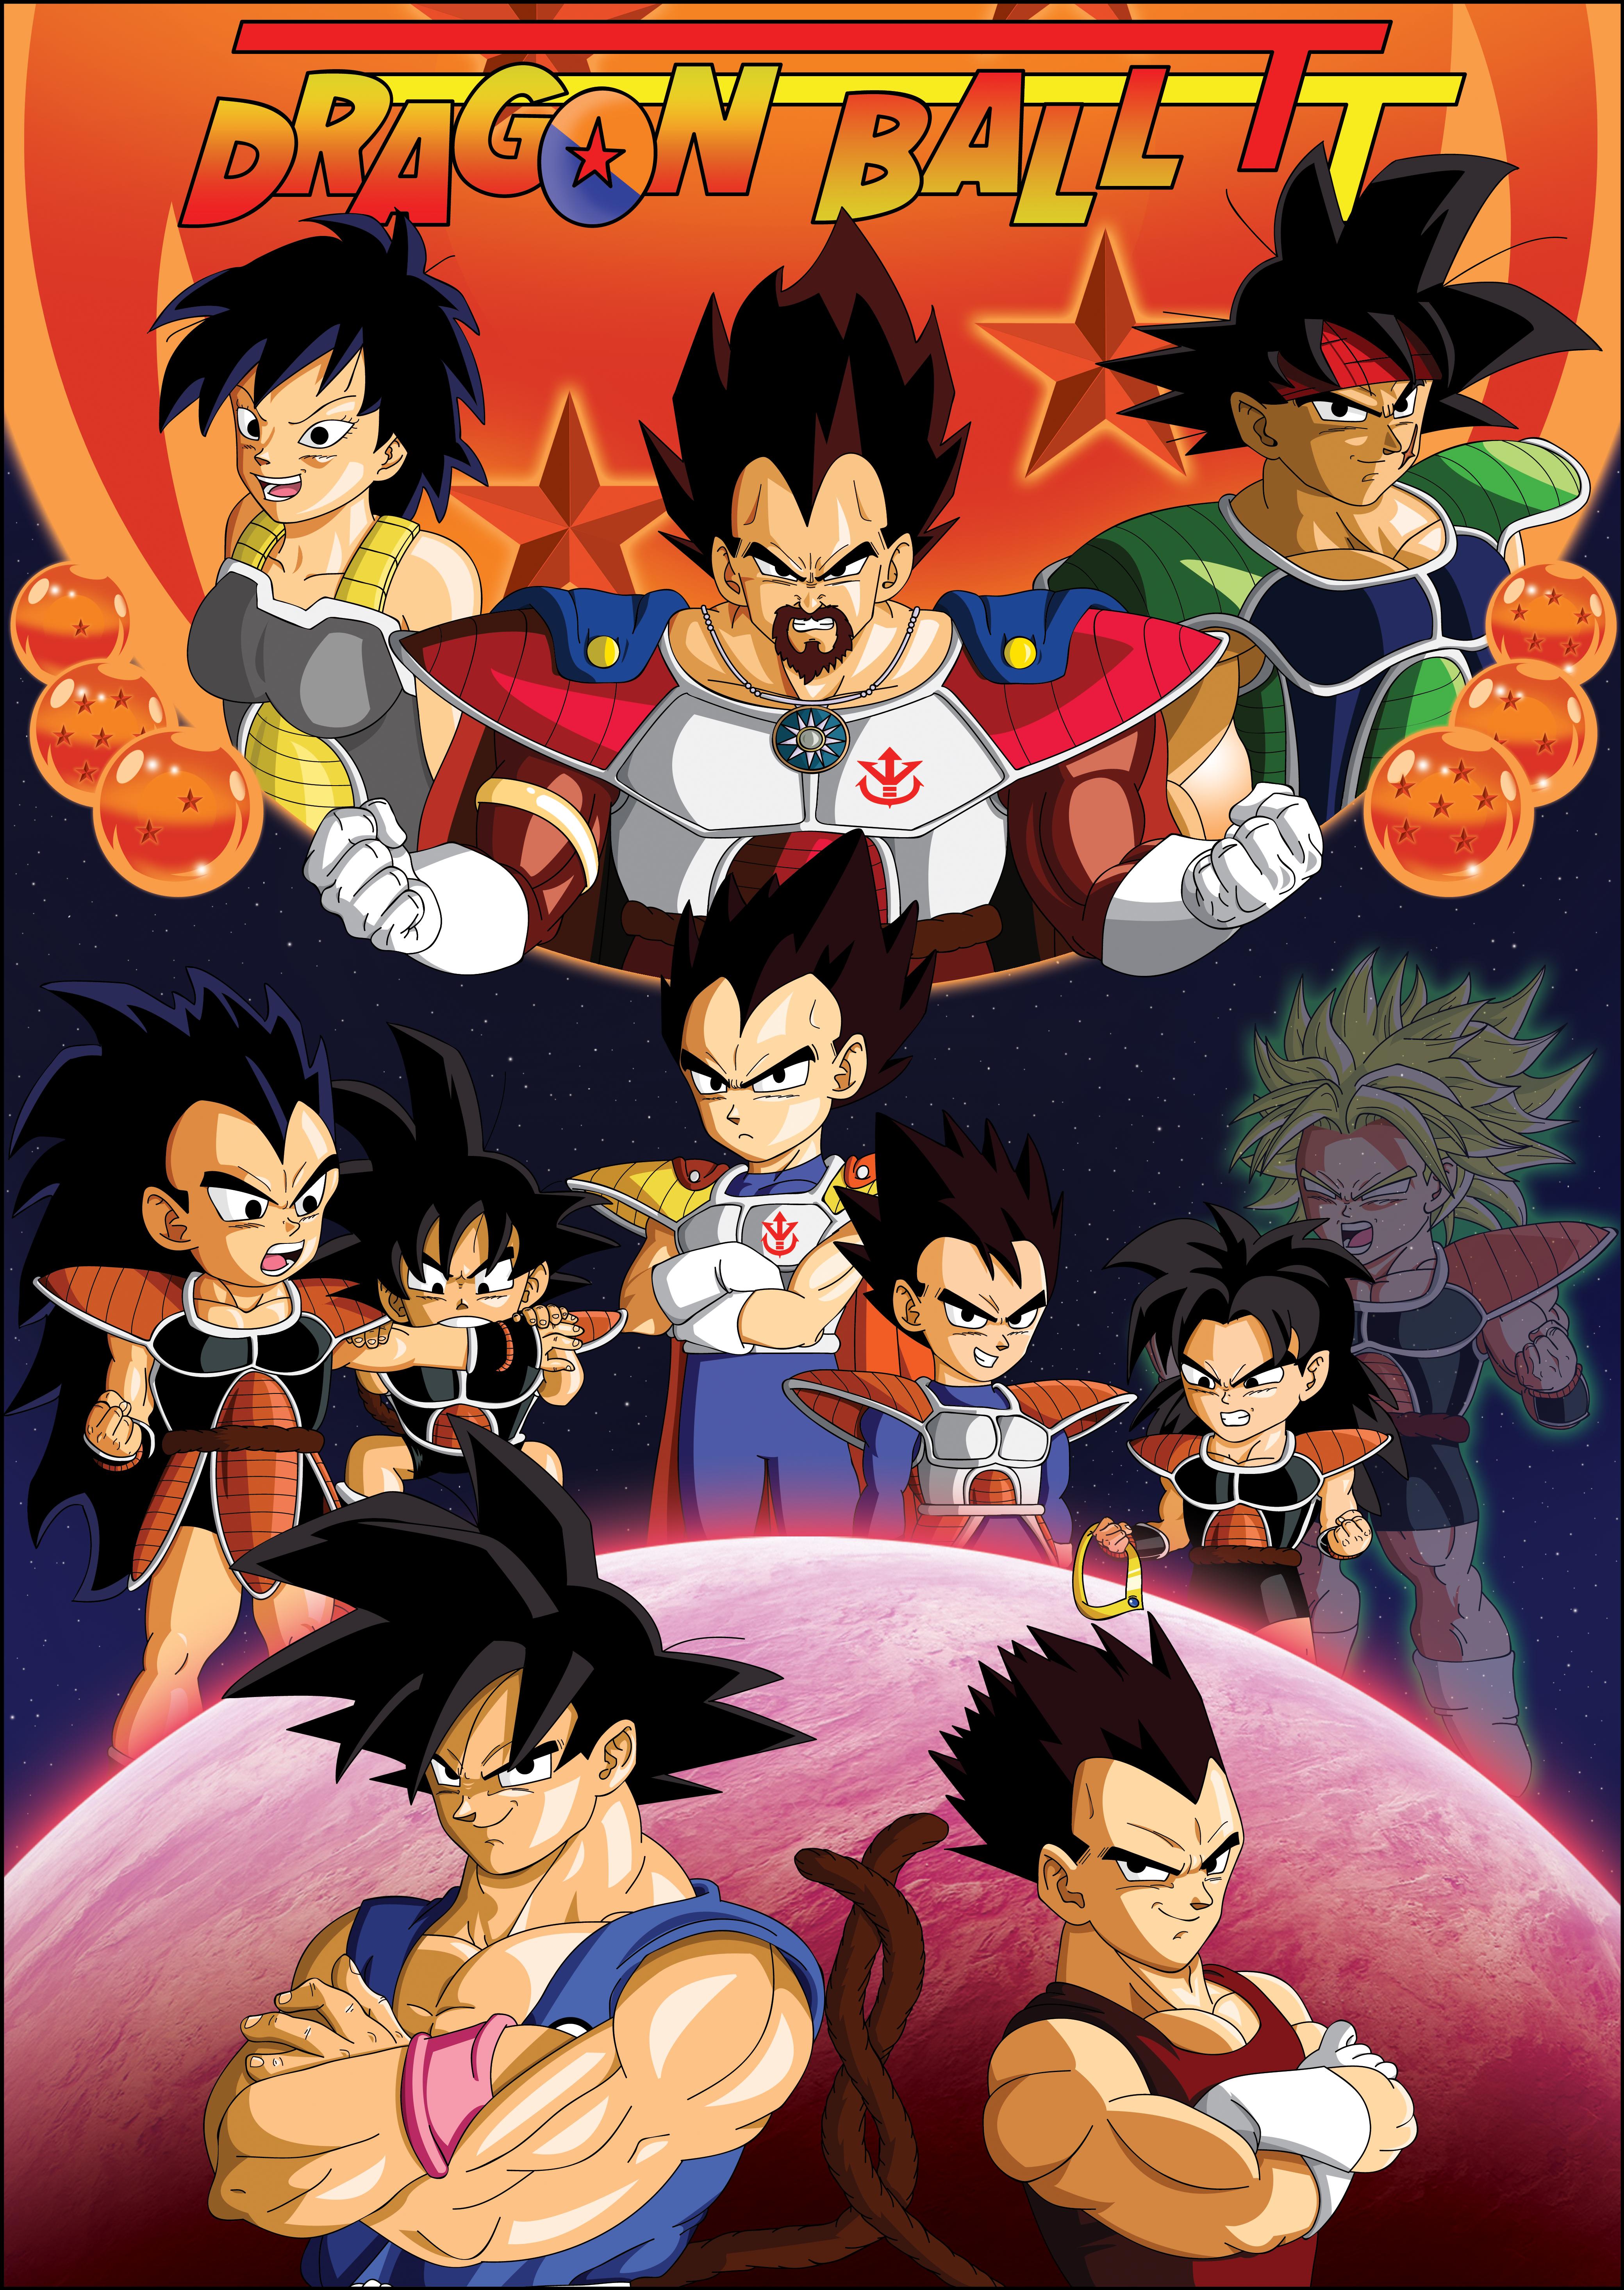 Dragonball TT saga 1 Poster by Brinx-dragonball